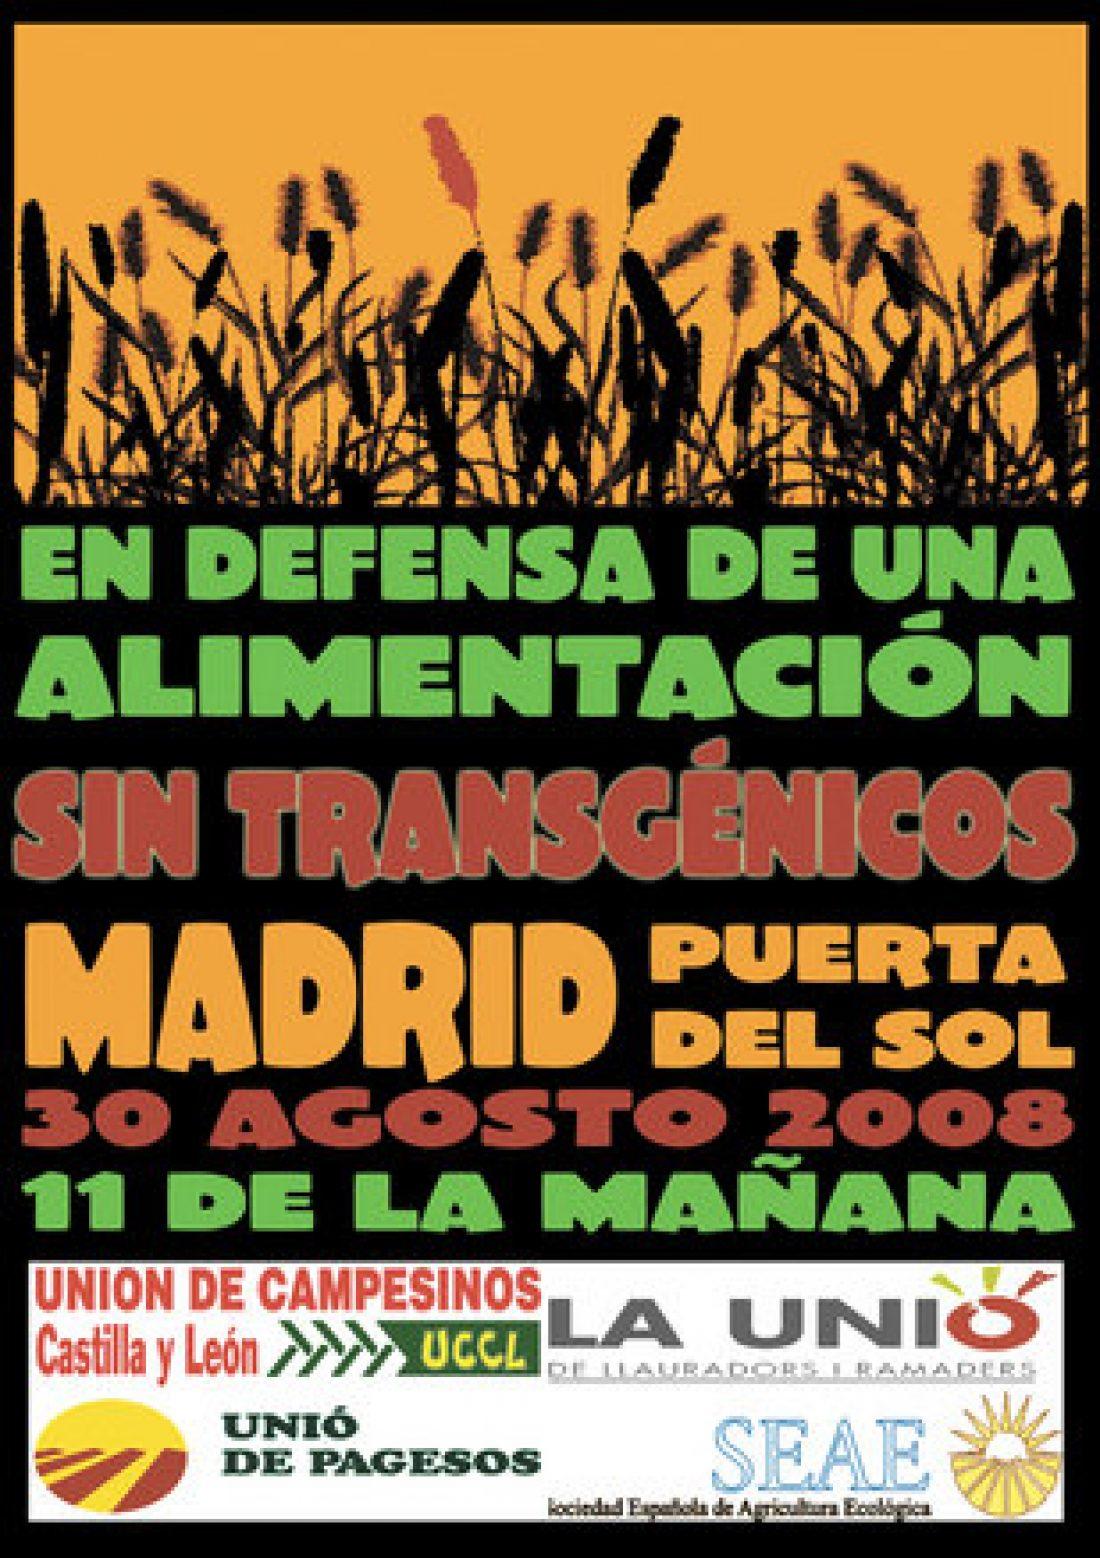 Madrid, 30 de agosto: por una alimentación sin transgénicos